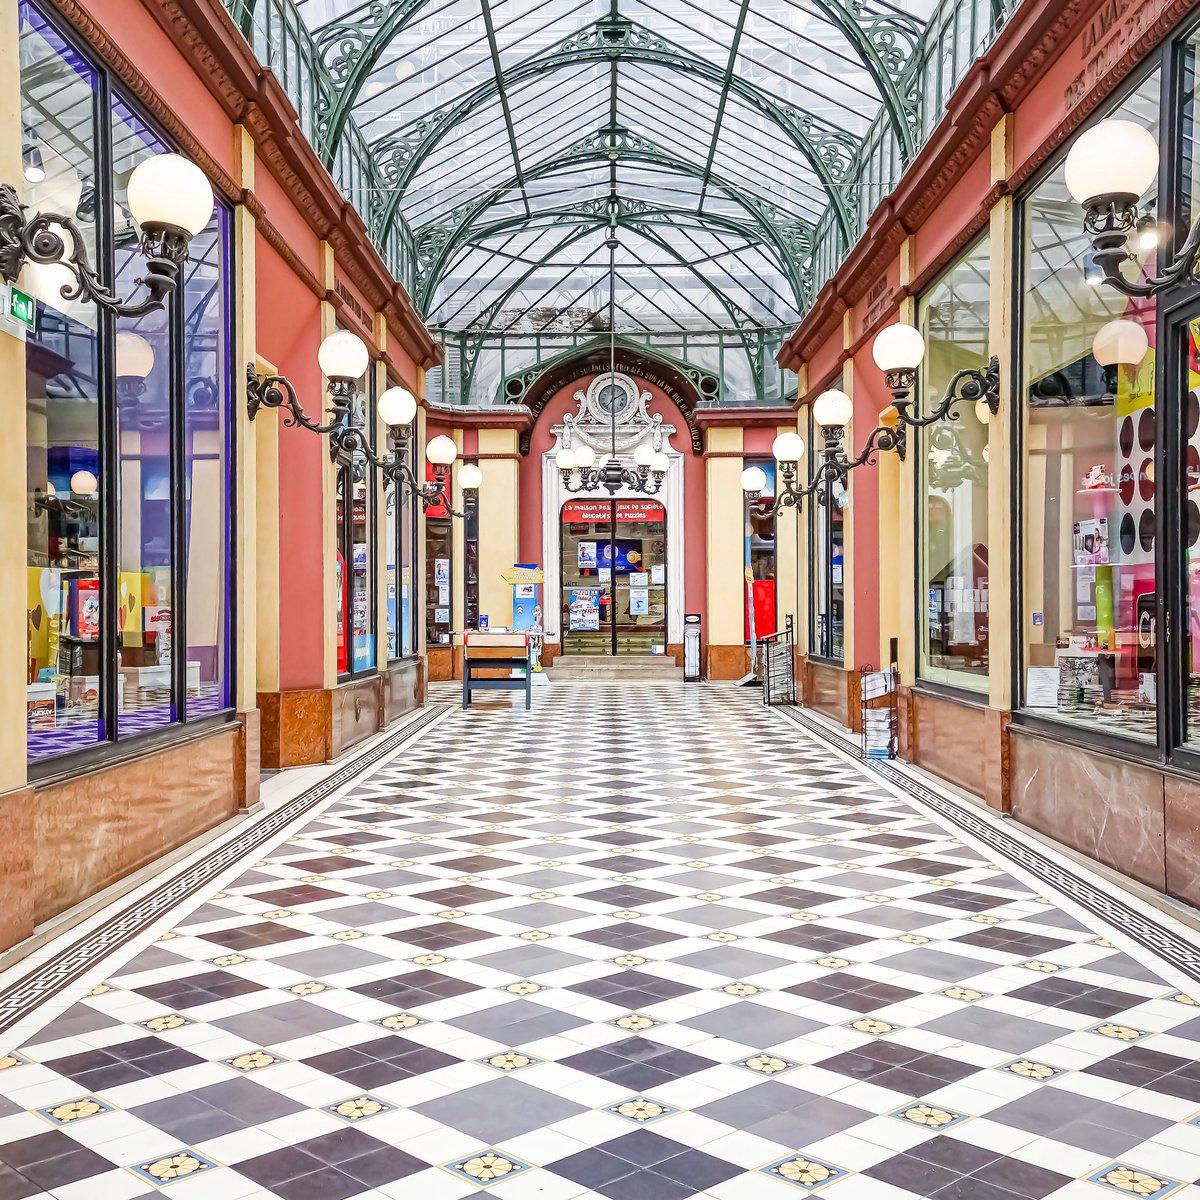 Les couleurs d'enfance du passage des Princes - Paris 2  #parisladouce #paris #pariscartepostale #parisjetaime #cityguide #pariscityguide #paris2 #streetsofparis #thisisparis #parismaville #passagedesprinces #grandsboulevards